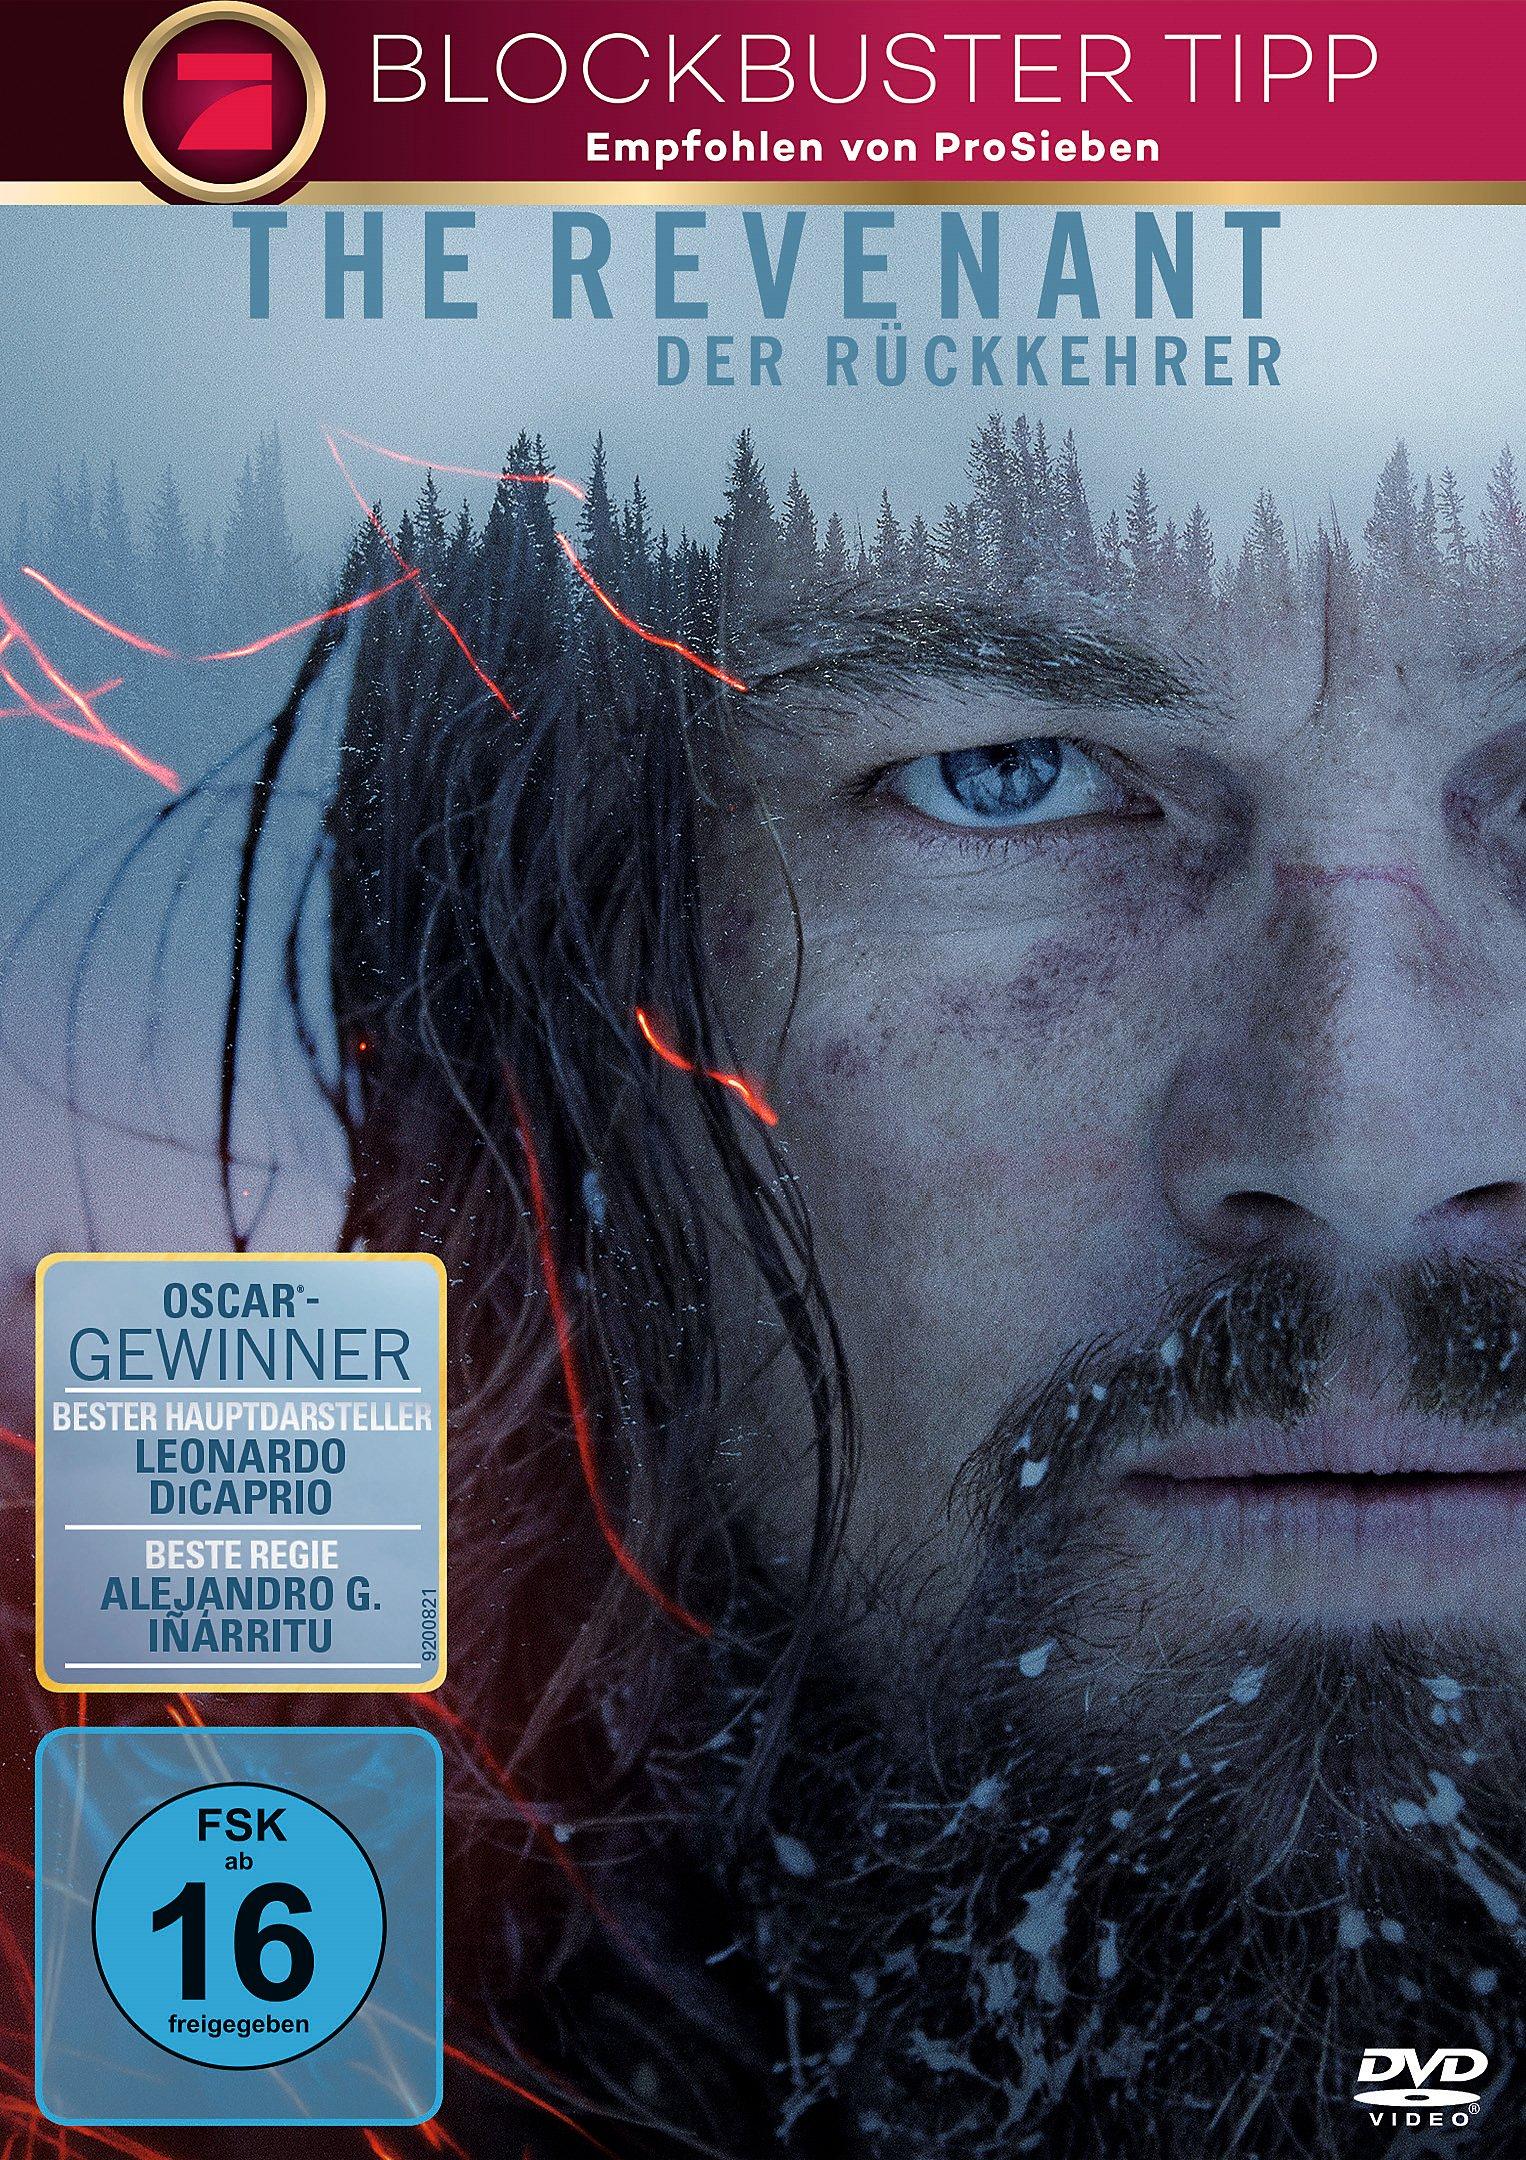 The Revenant - Der Rückkehrer Kritik